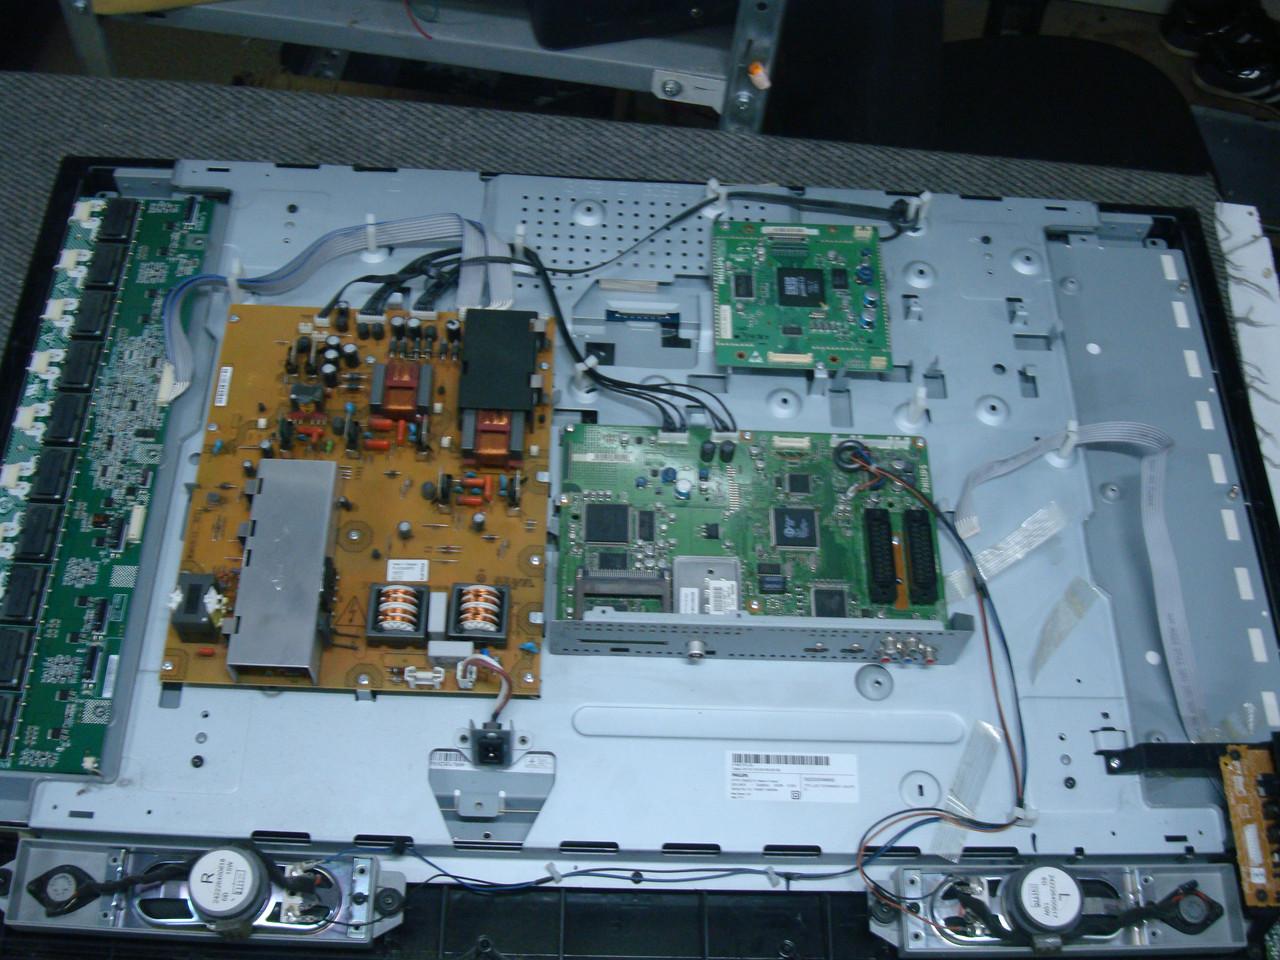 Запчасти к телевизору Philips 37PFL7662D (3139 123 62613 WK713.5, PLCD300P3 24573, T370HW02 V0)